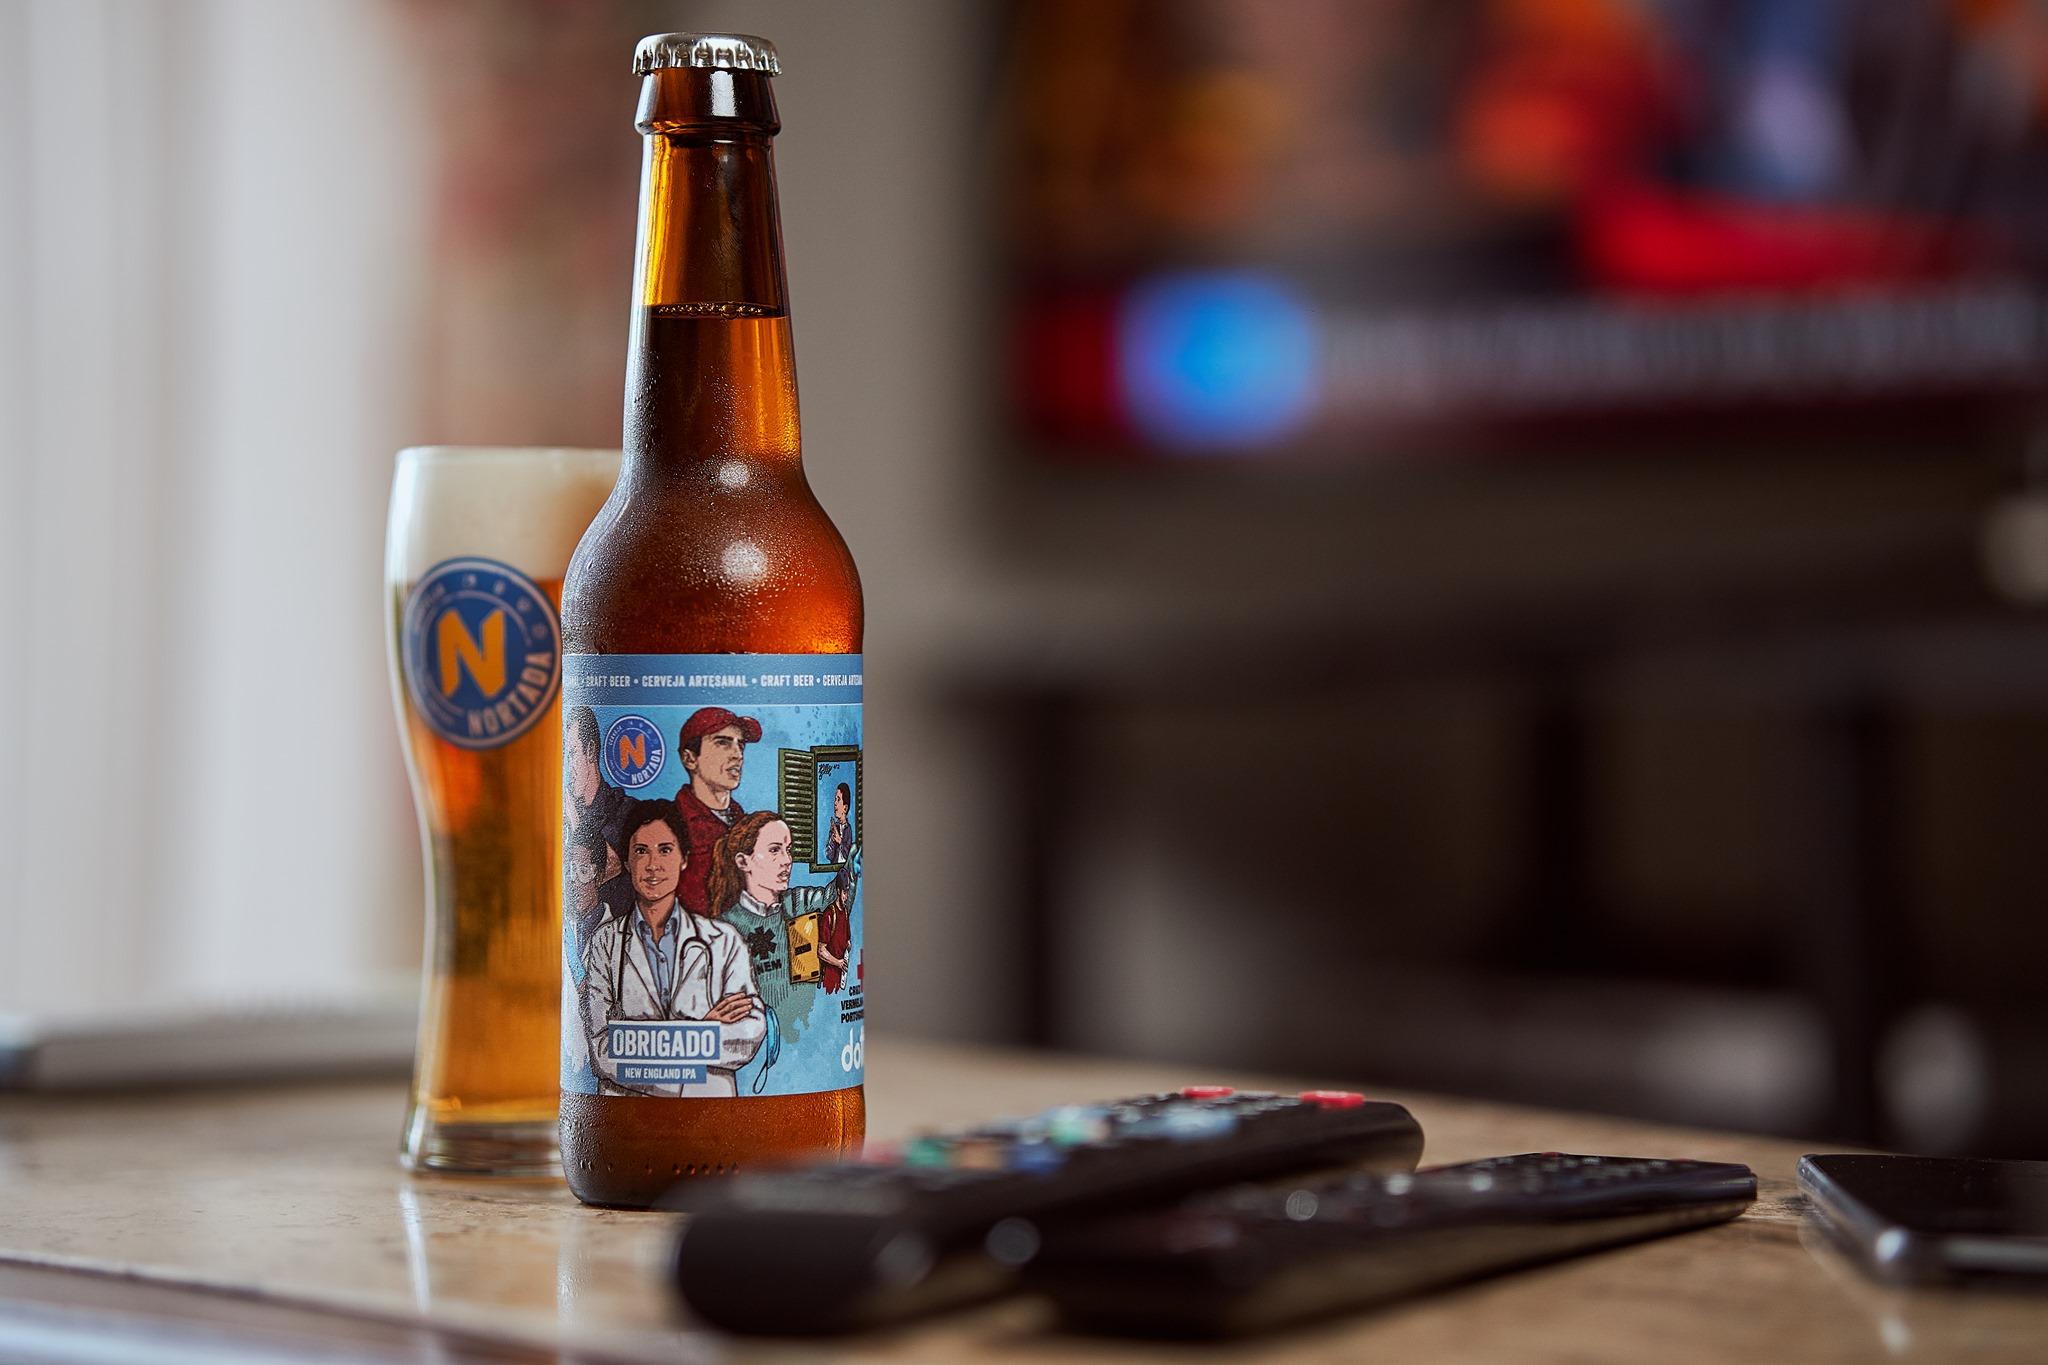 cerveja nortada e dois comandos da televisão